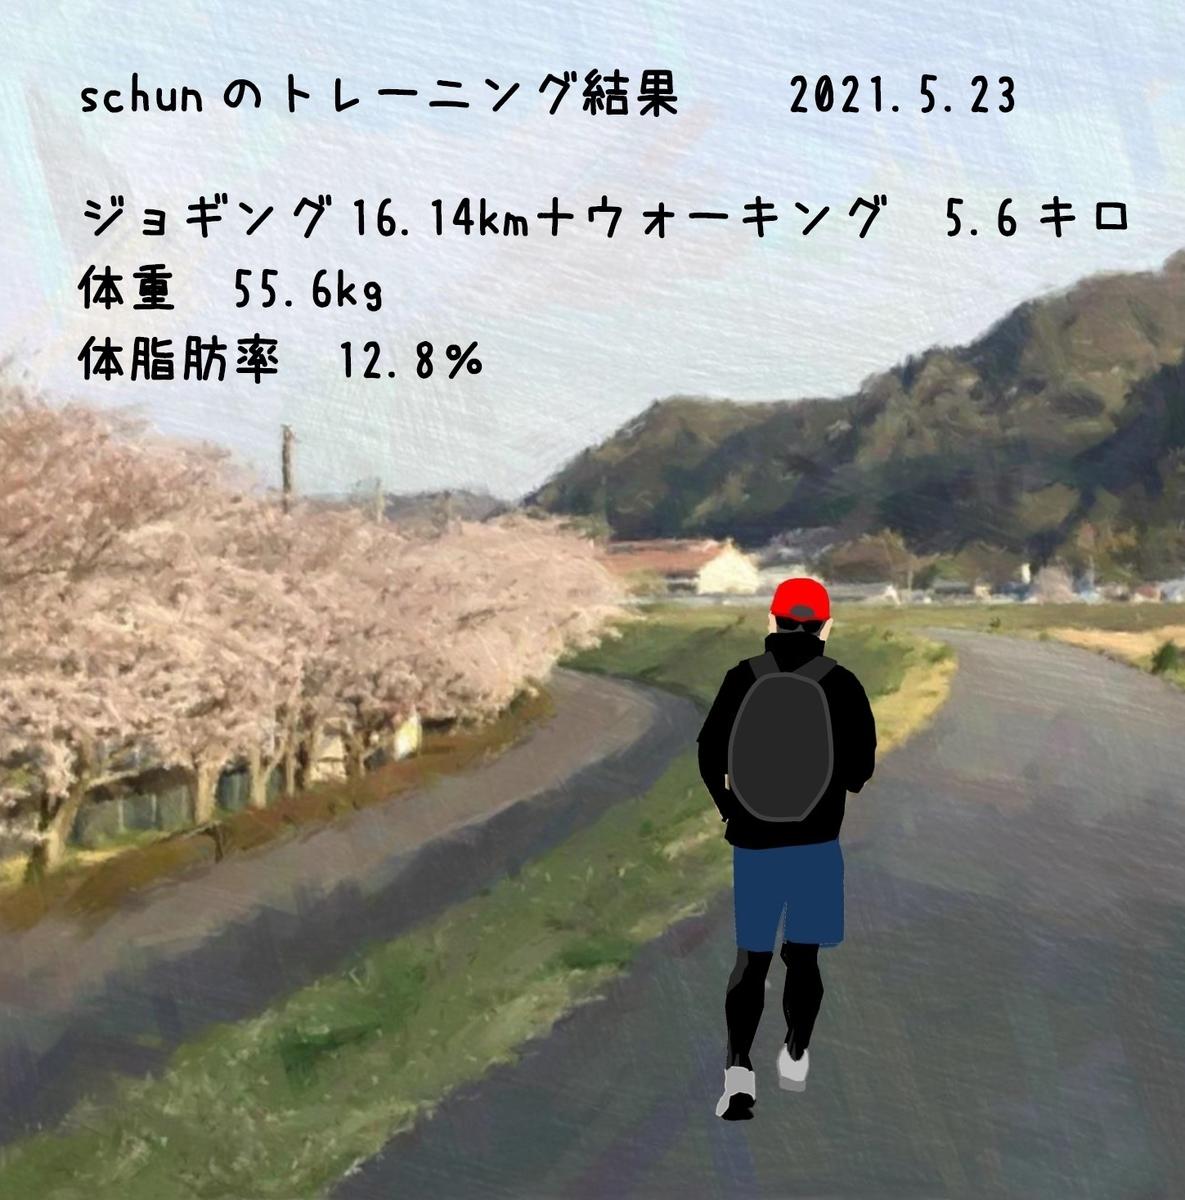 f:id:schunchi2007:20210523183012j:plain